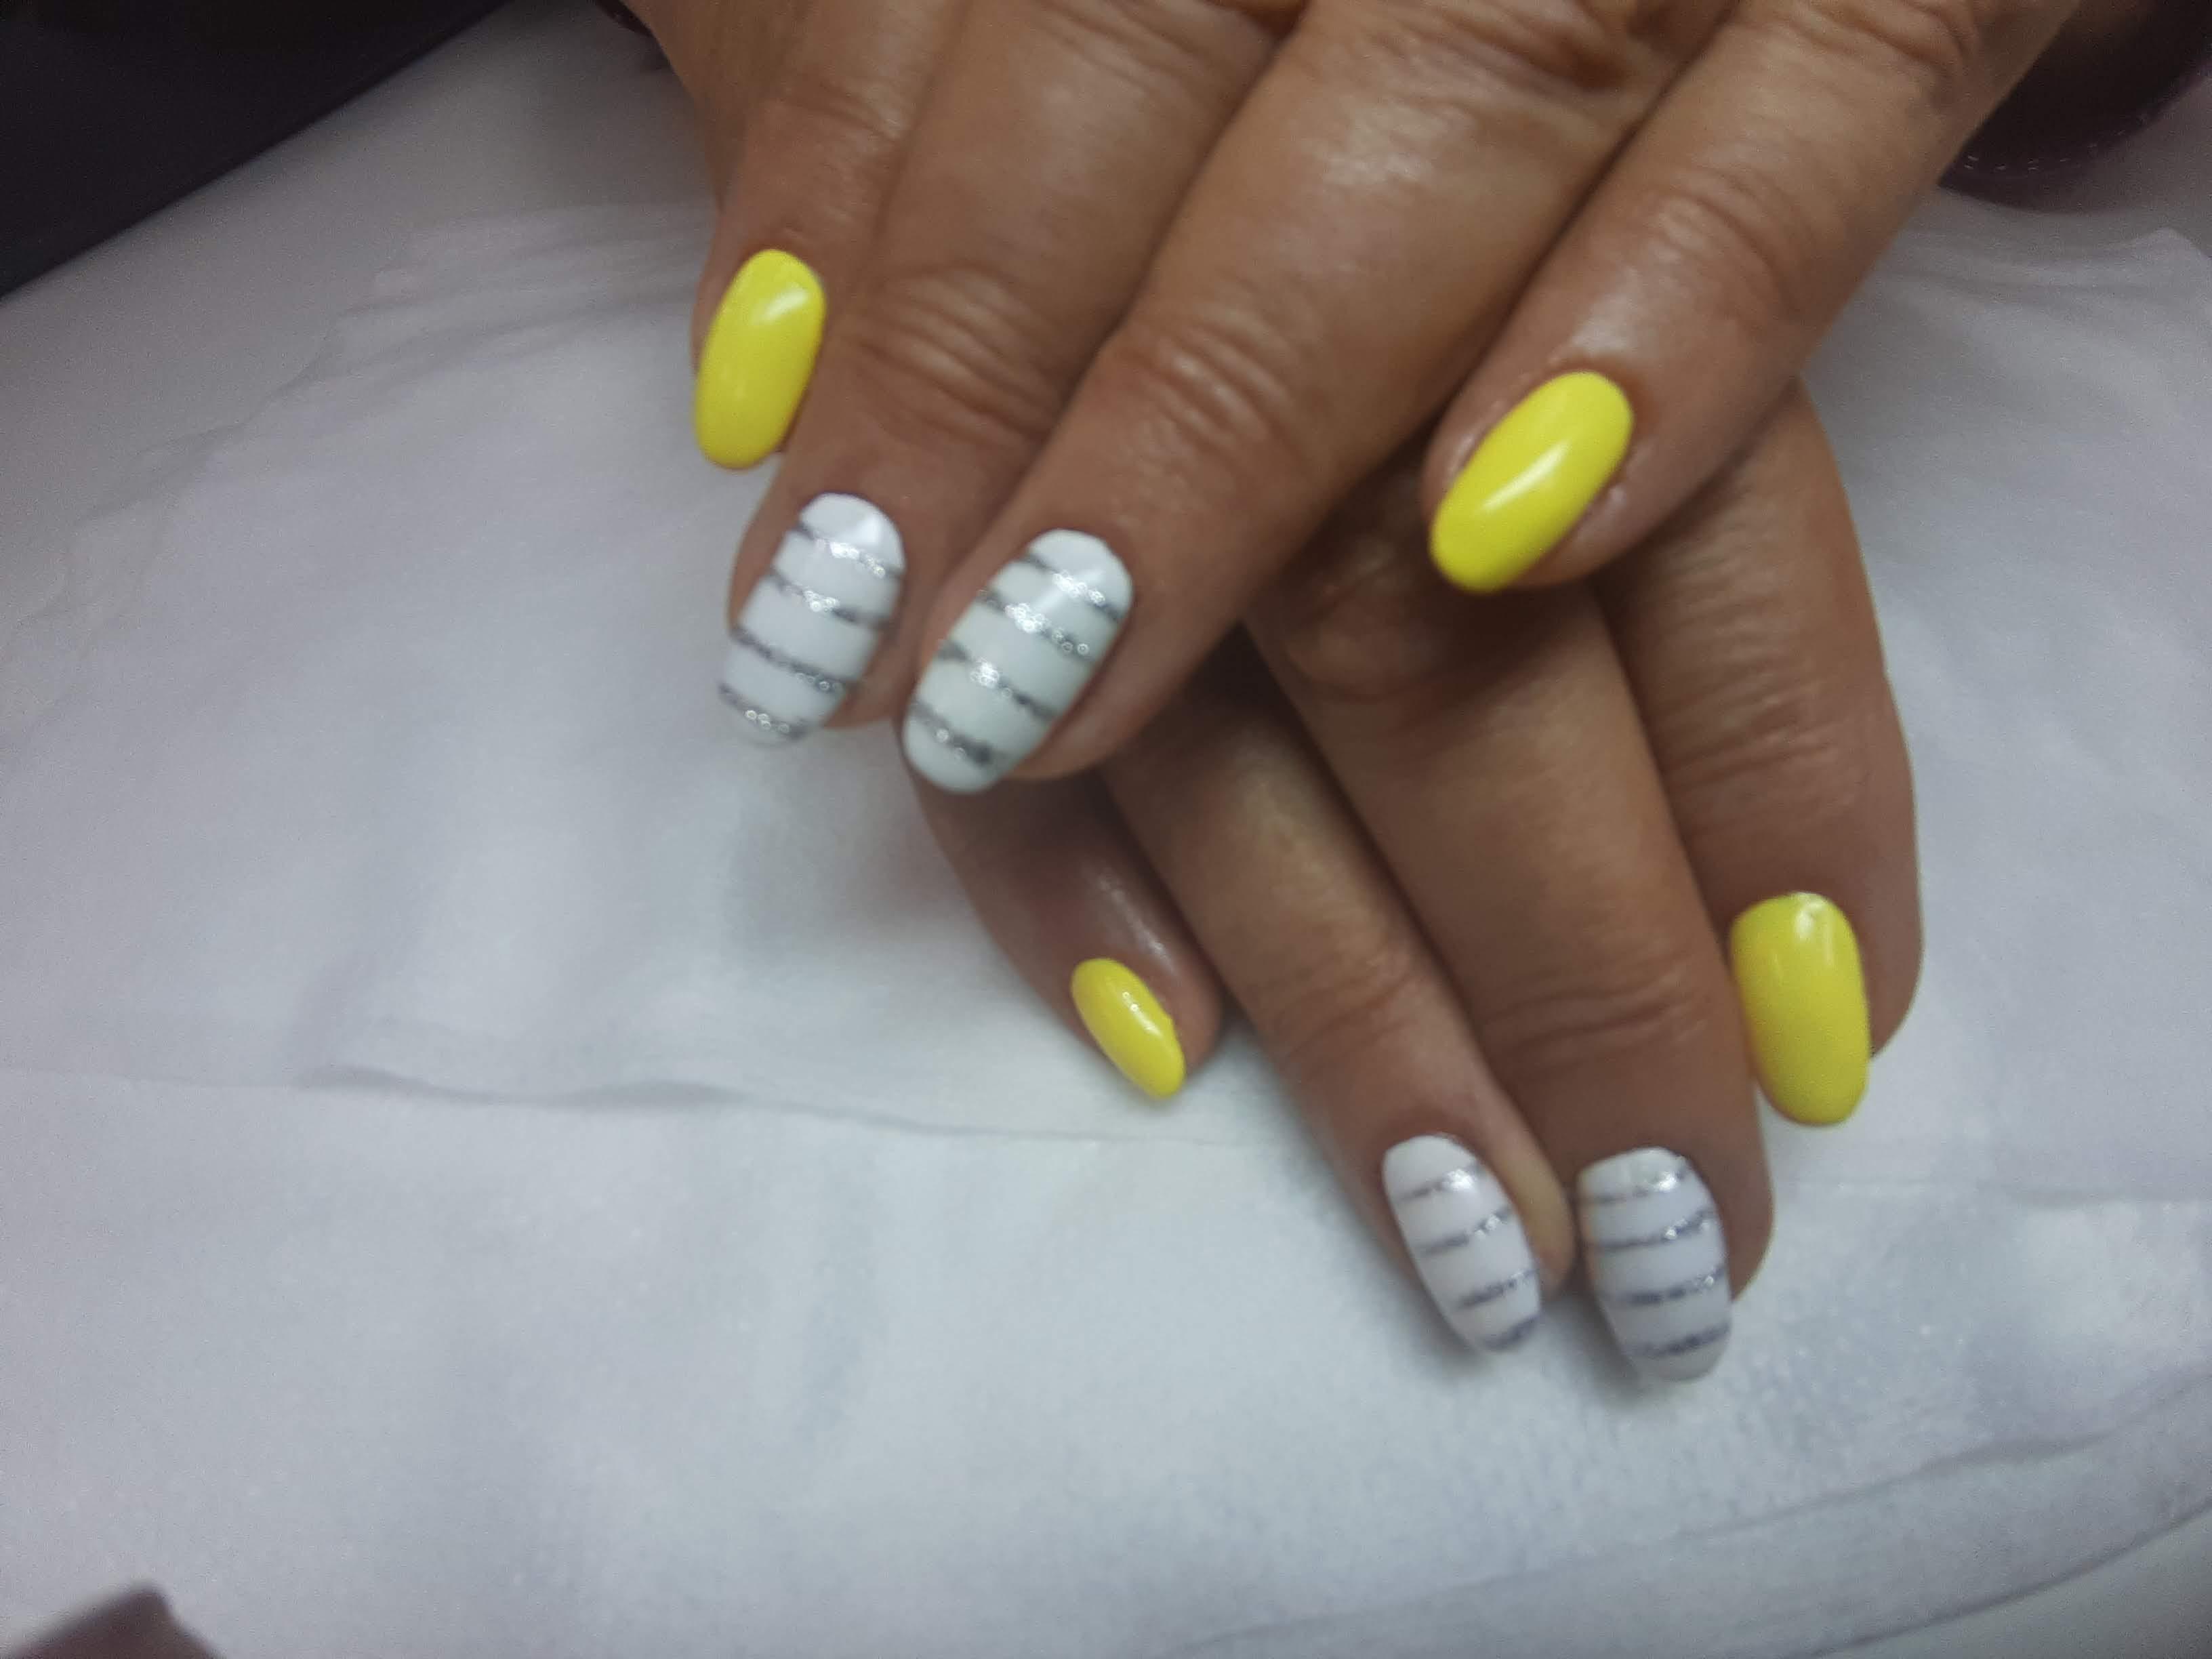 Маникюр с серебряными полосками в желтом цвете.